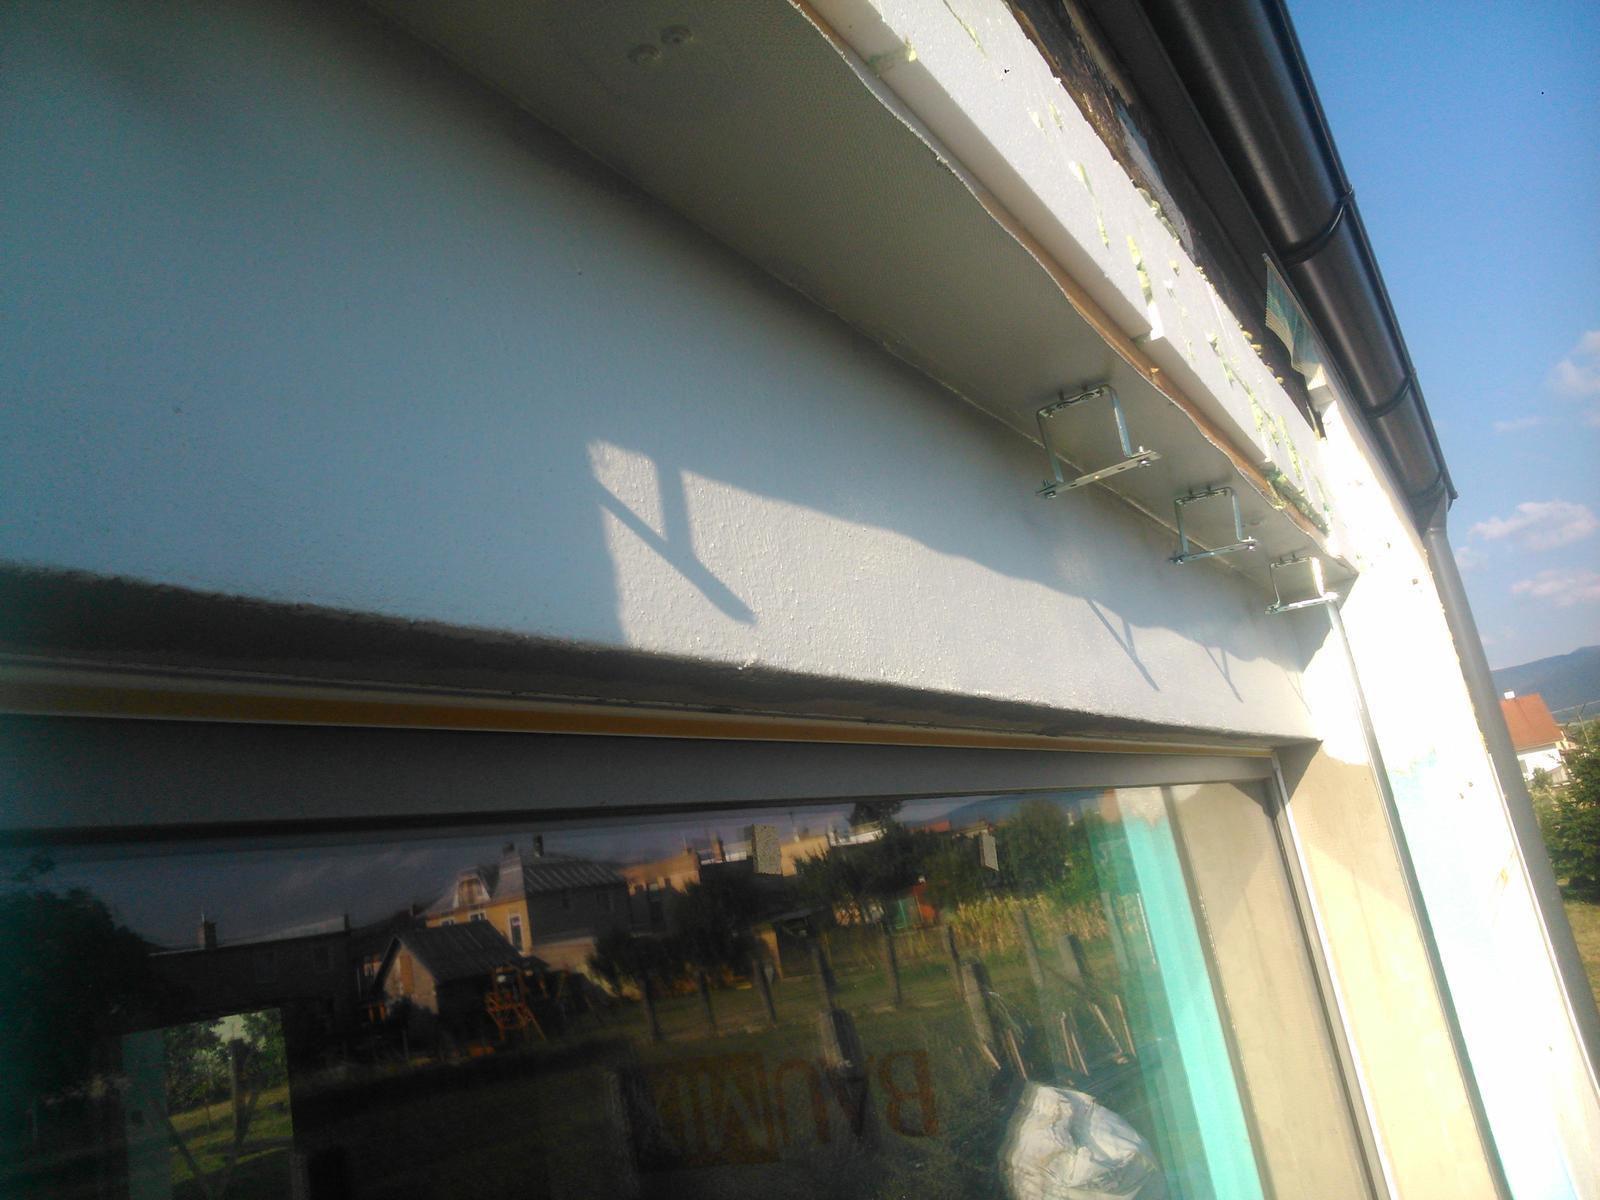 Domček pre moju rodinku :) - aj PIR som radsej natrel tym lakom aby sa snurky netreli , a na vrchnu cast som pouzil plech zo strechy aby to bolo vsetkemu odolne, ak by sa tam nejaky hmyz zahniezdil?